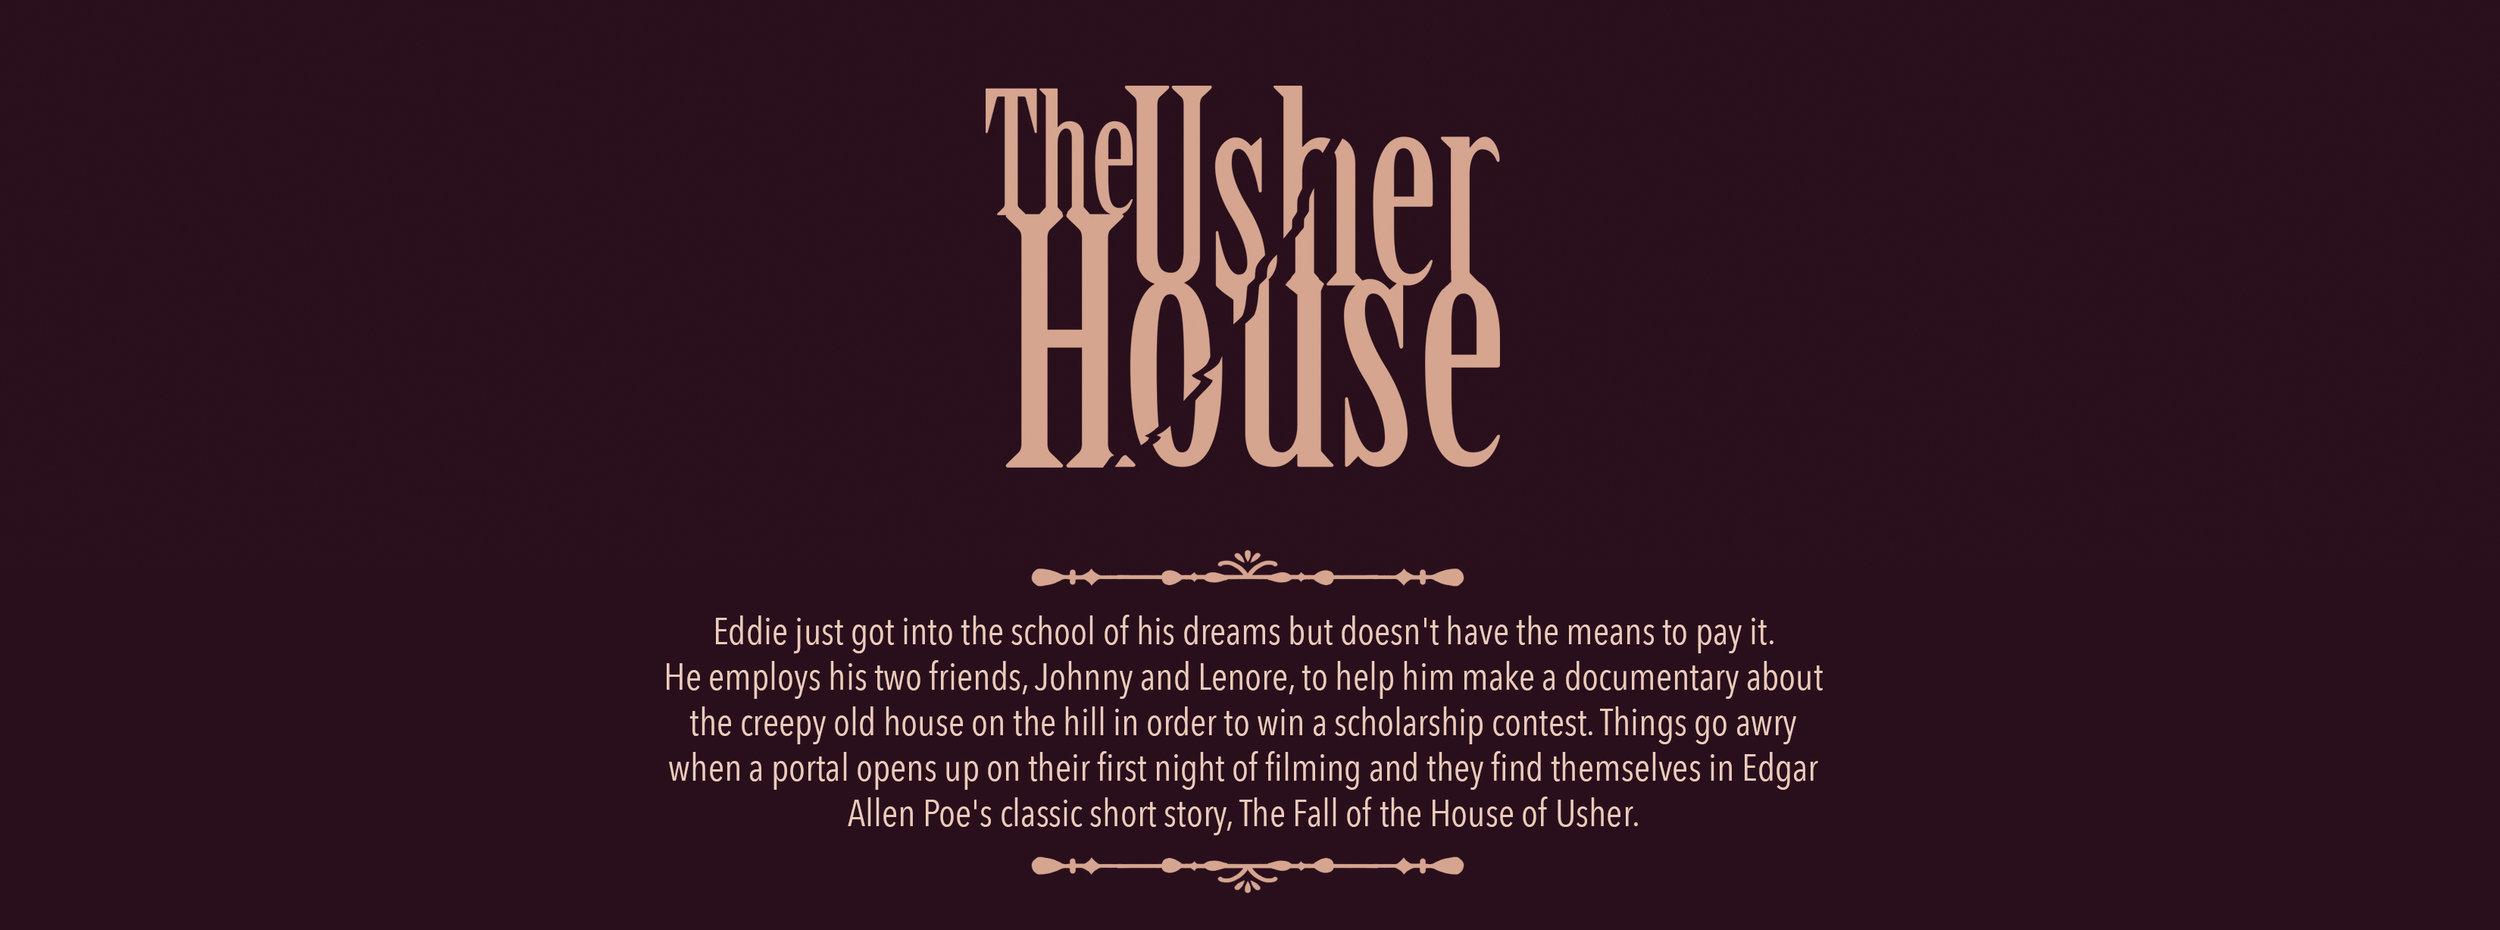 TheUsherHouseBanner.jpg